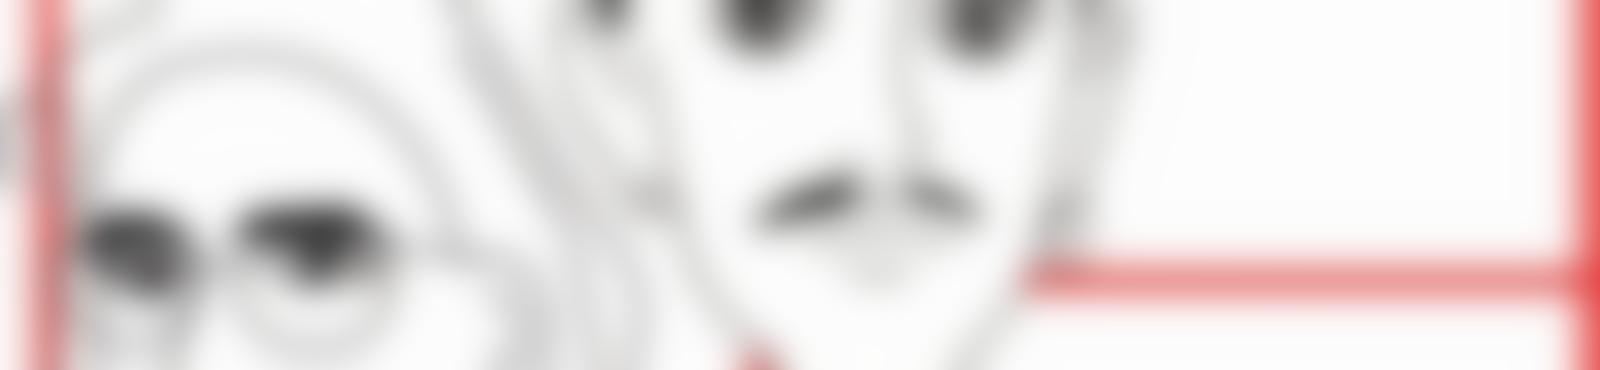 Blurred d8254f05 a745 4642 b9c1 032d0e988077